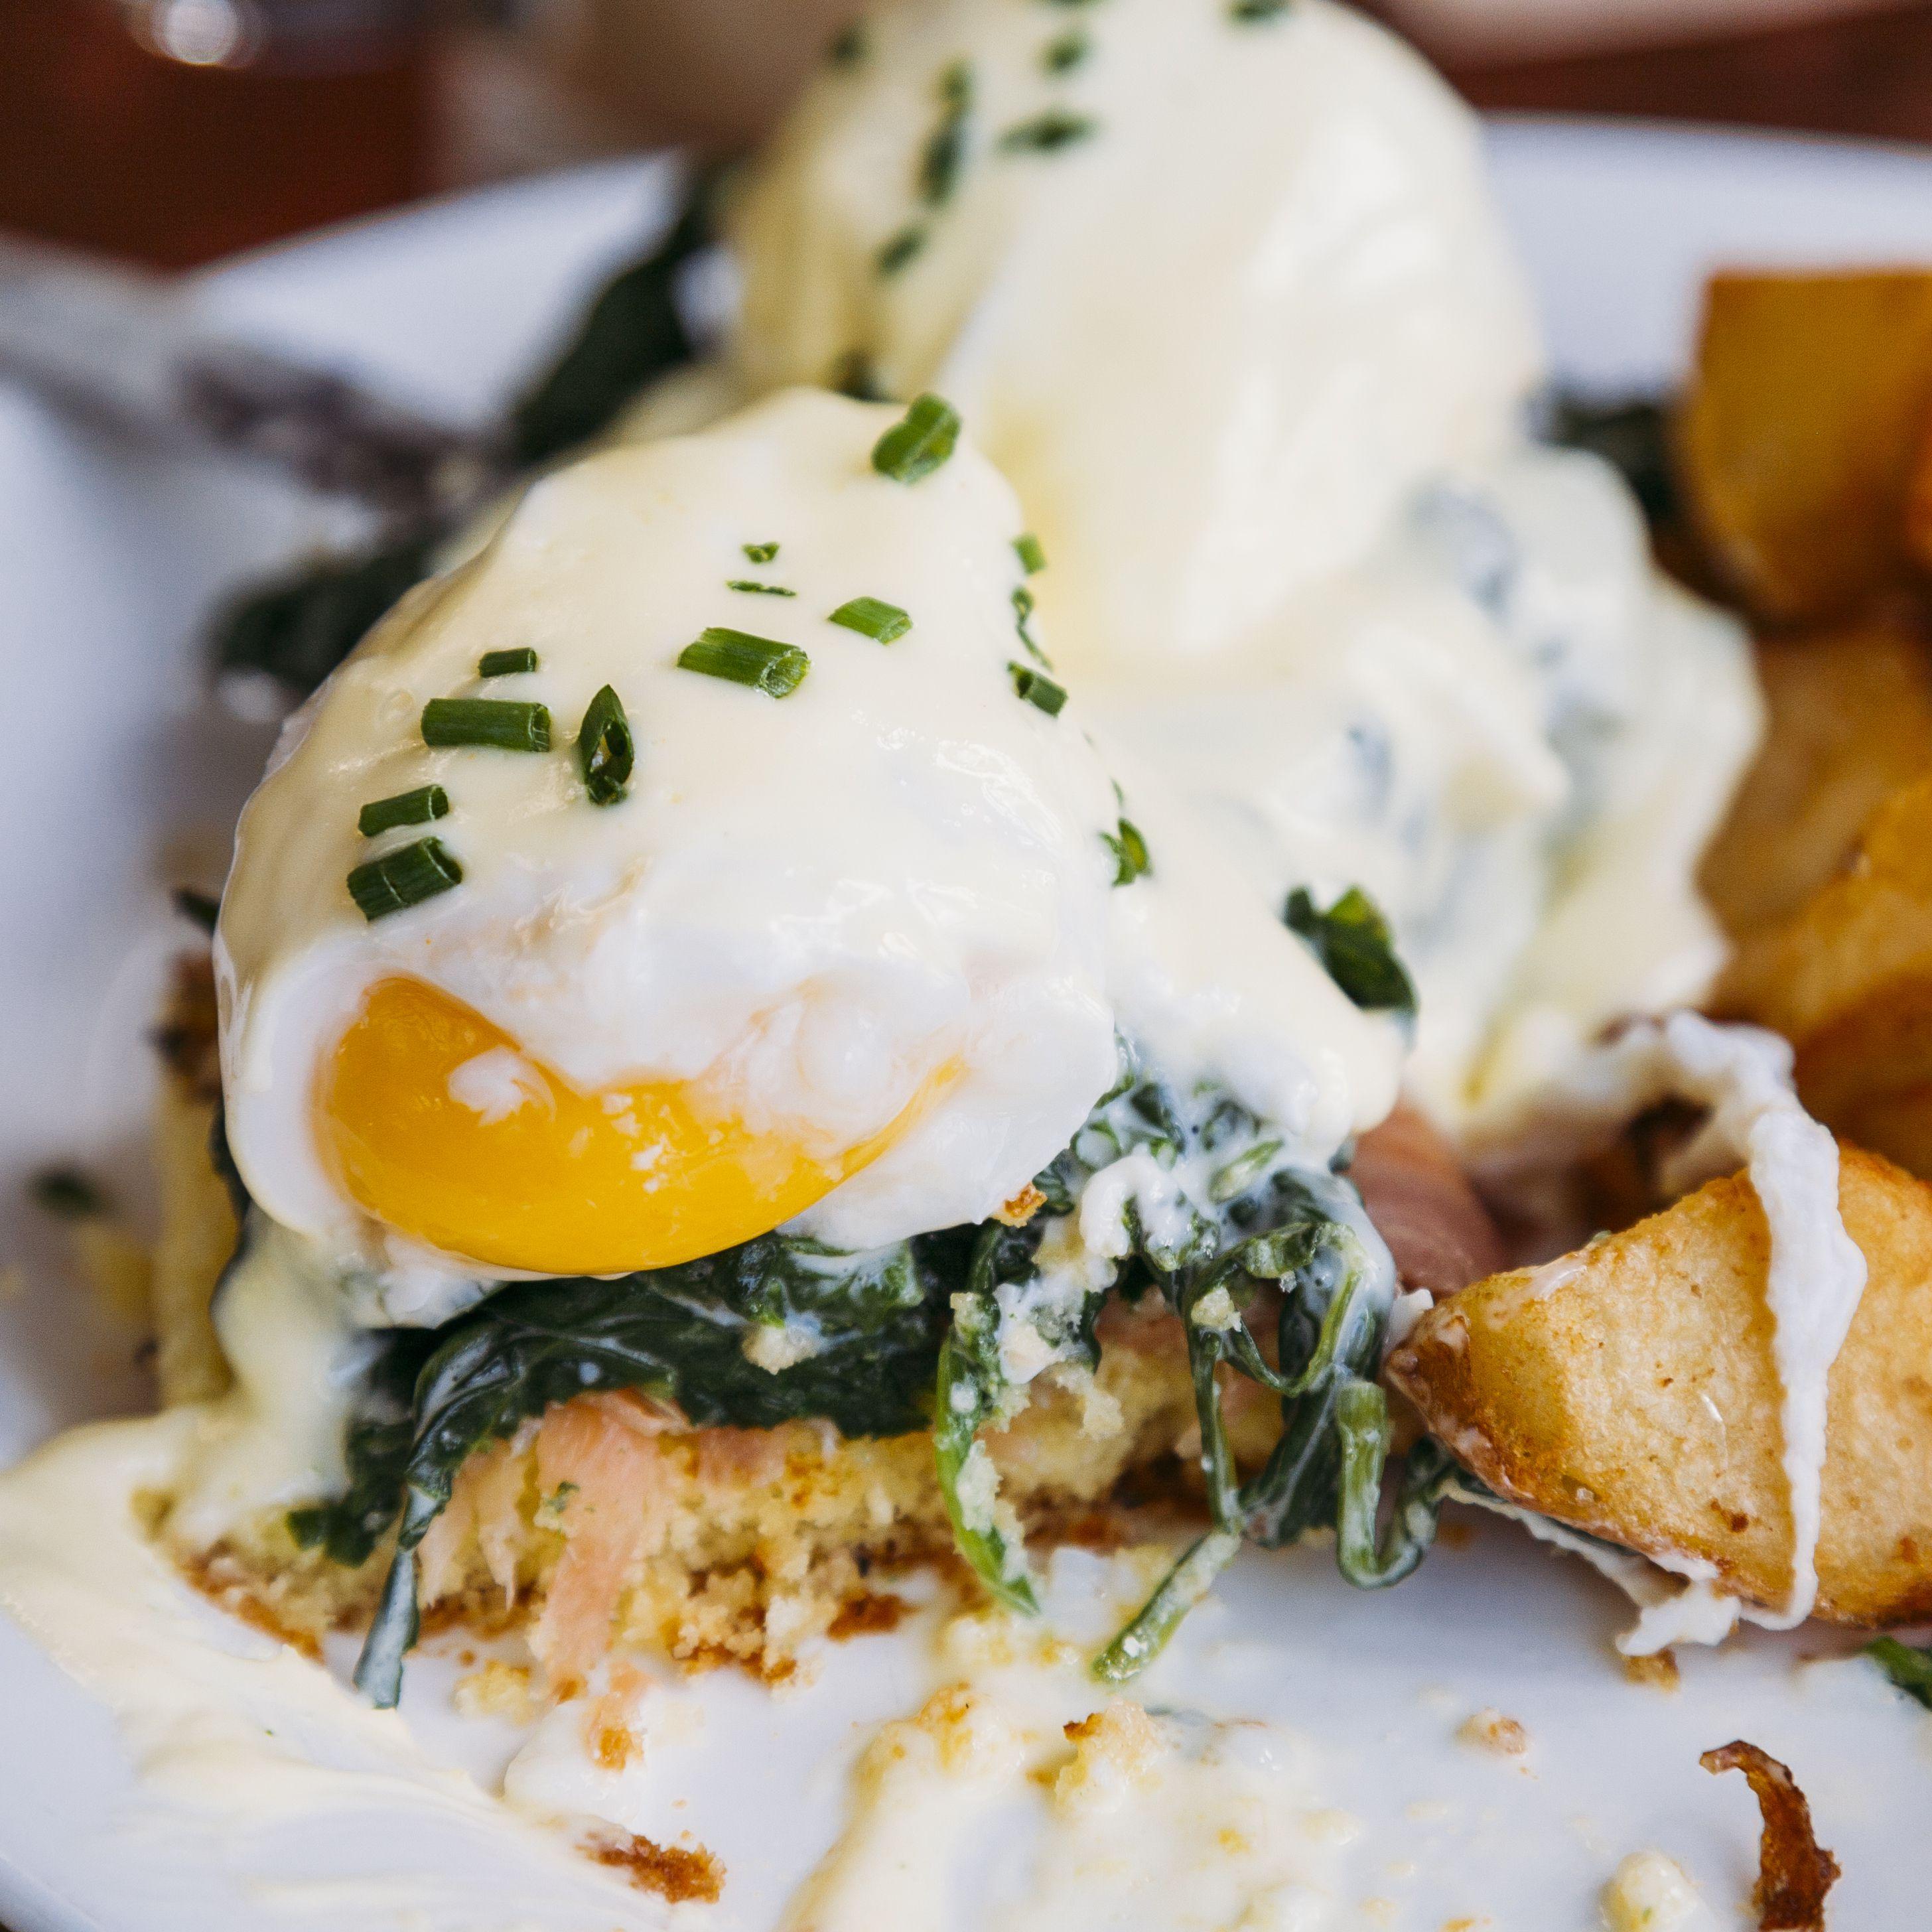 Best Breakfasts in San Francisco